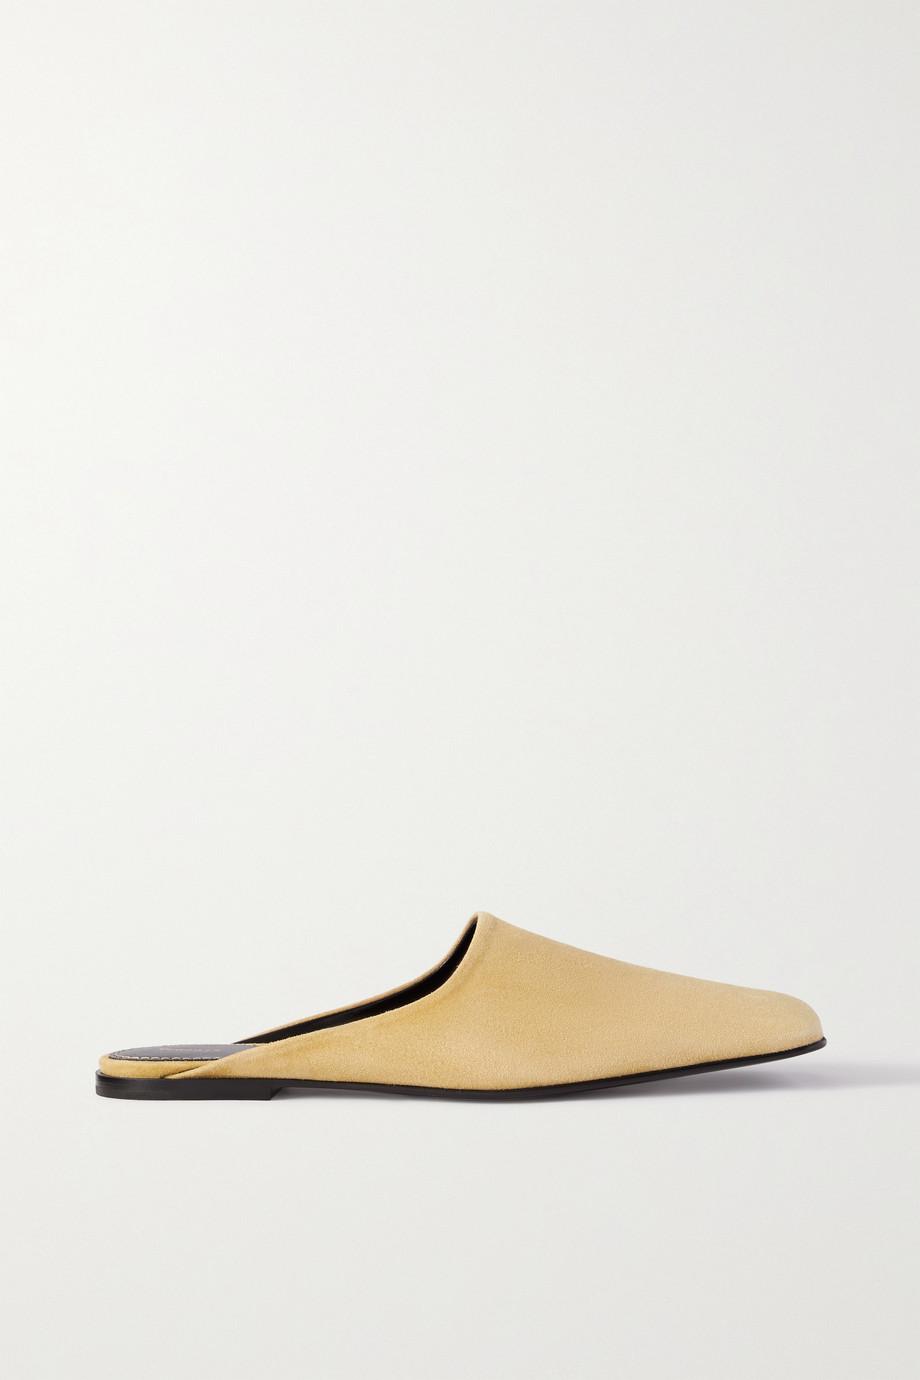 Proenza Schouler Suede slippers